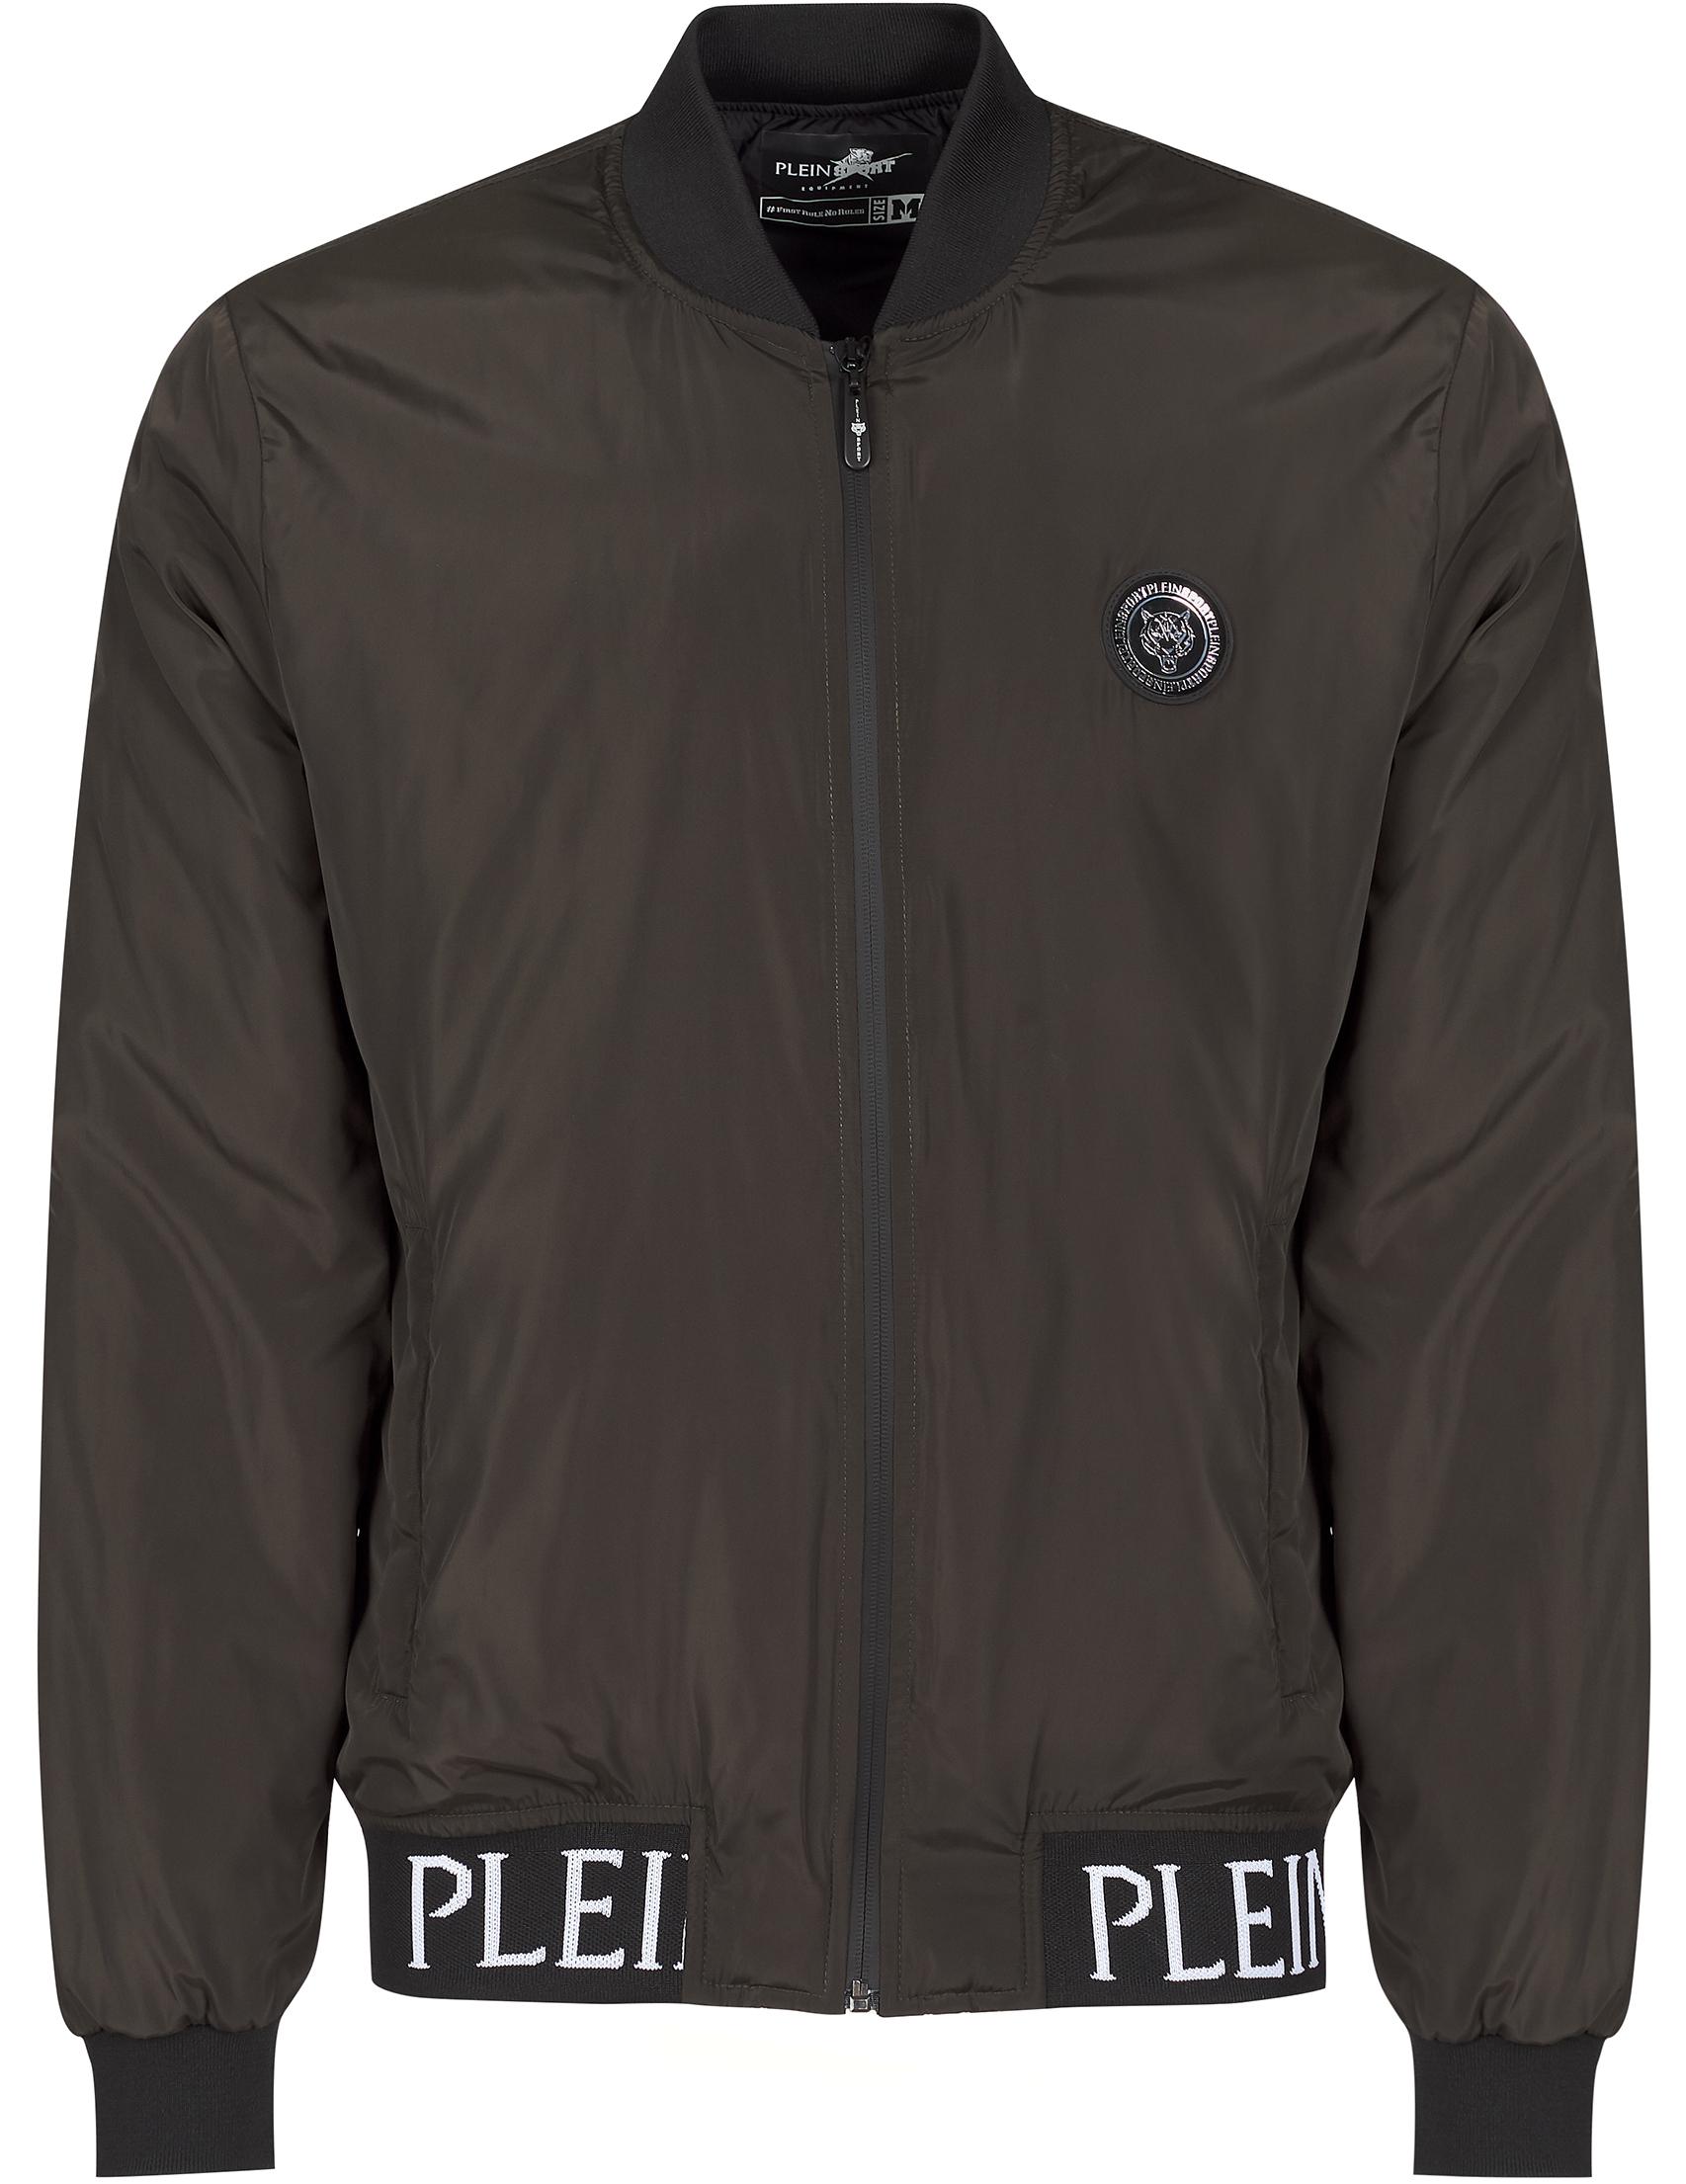 Купить Куртки, Куртка, PLEIN SPORT, Зеленый, 100%Полиэстер, Осень-Зима